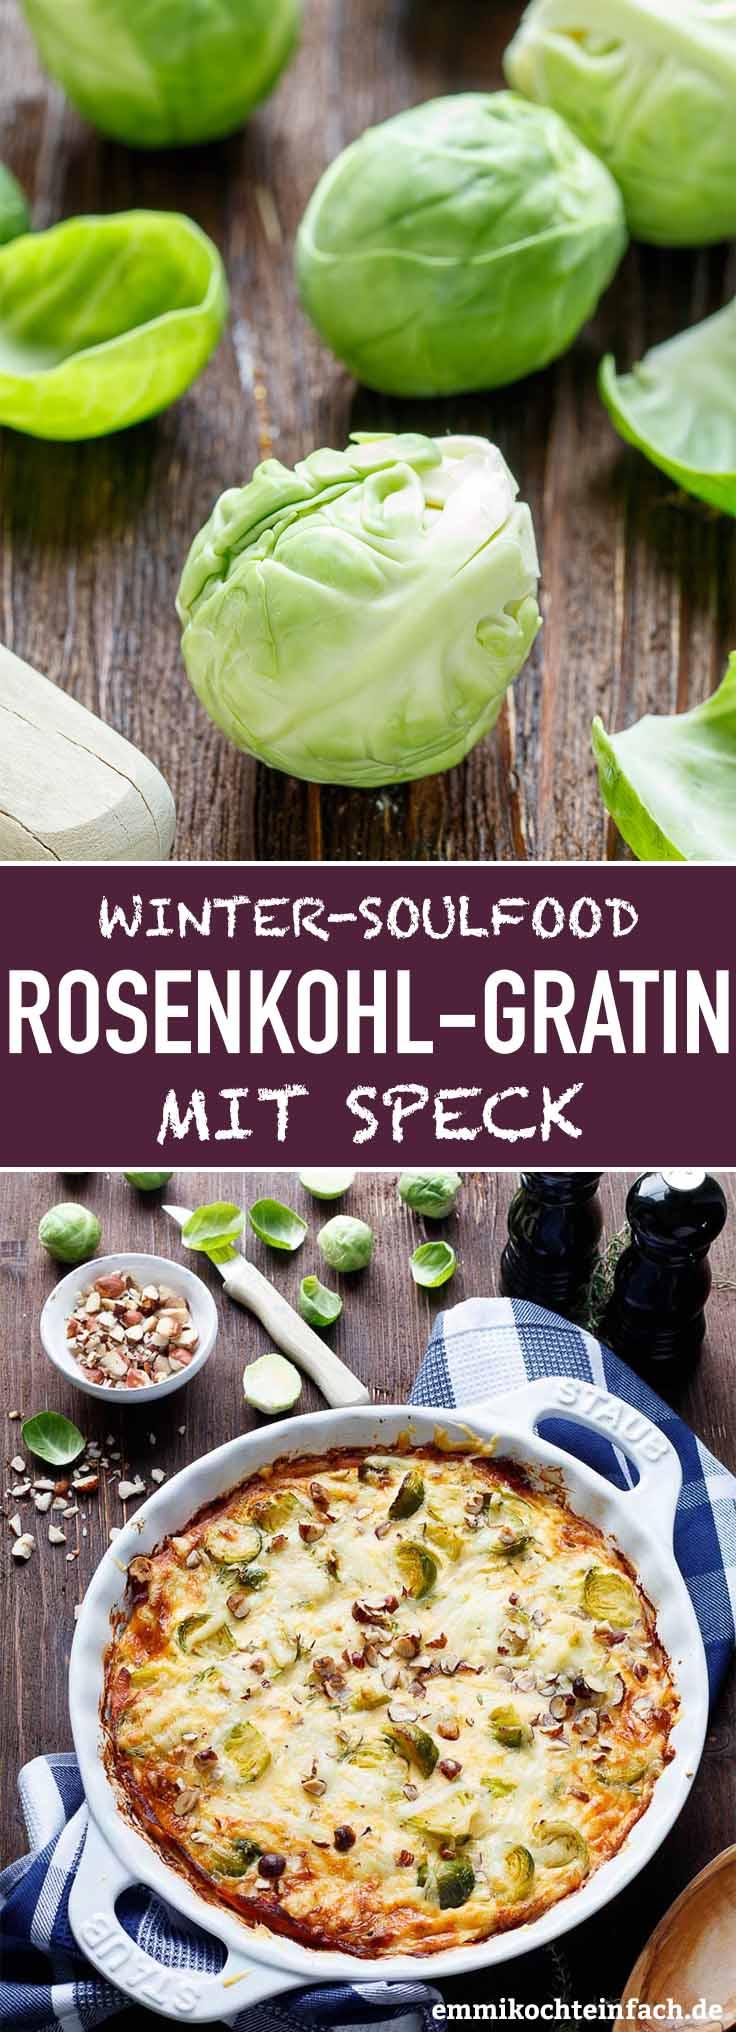 Rosenkohl Gratin - gesund und lecker - www.emmikochteinfach.de